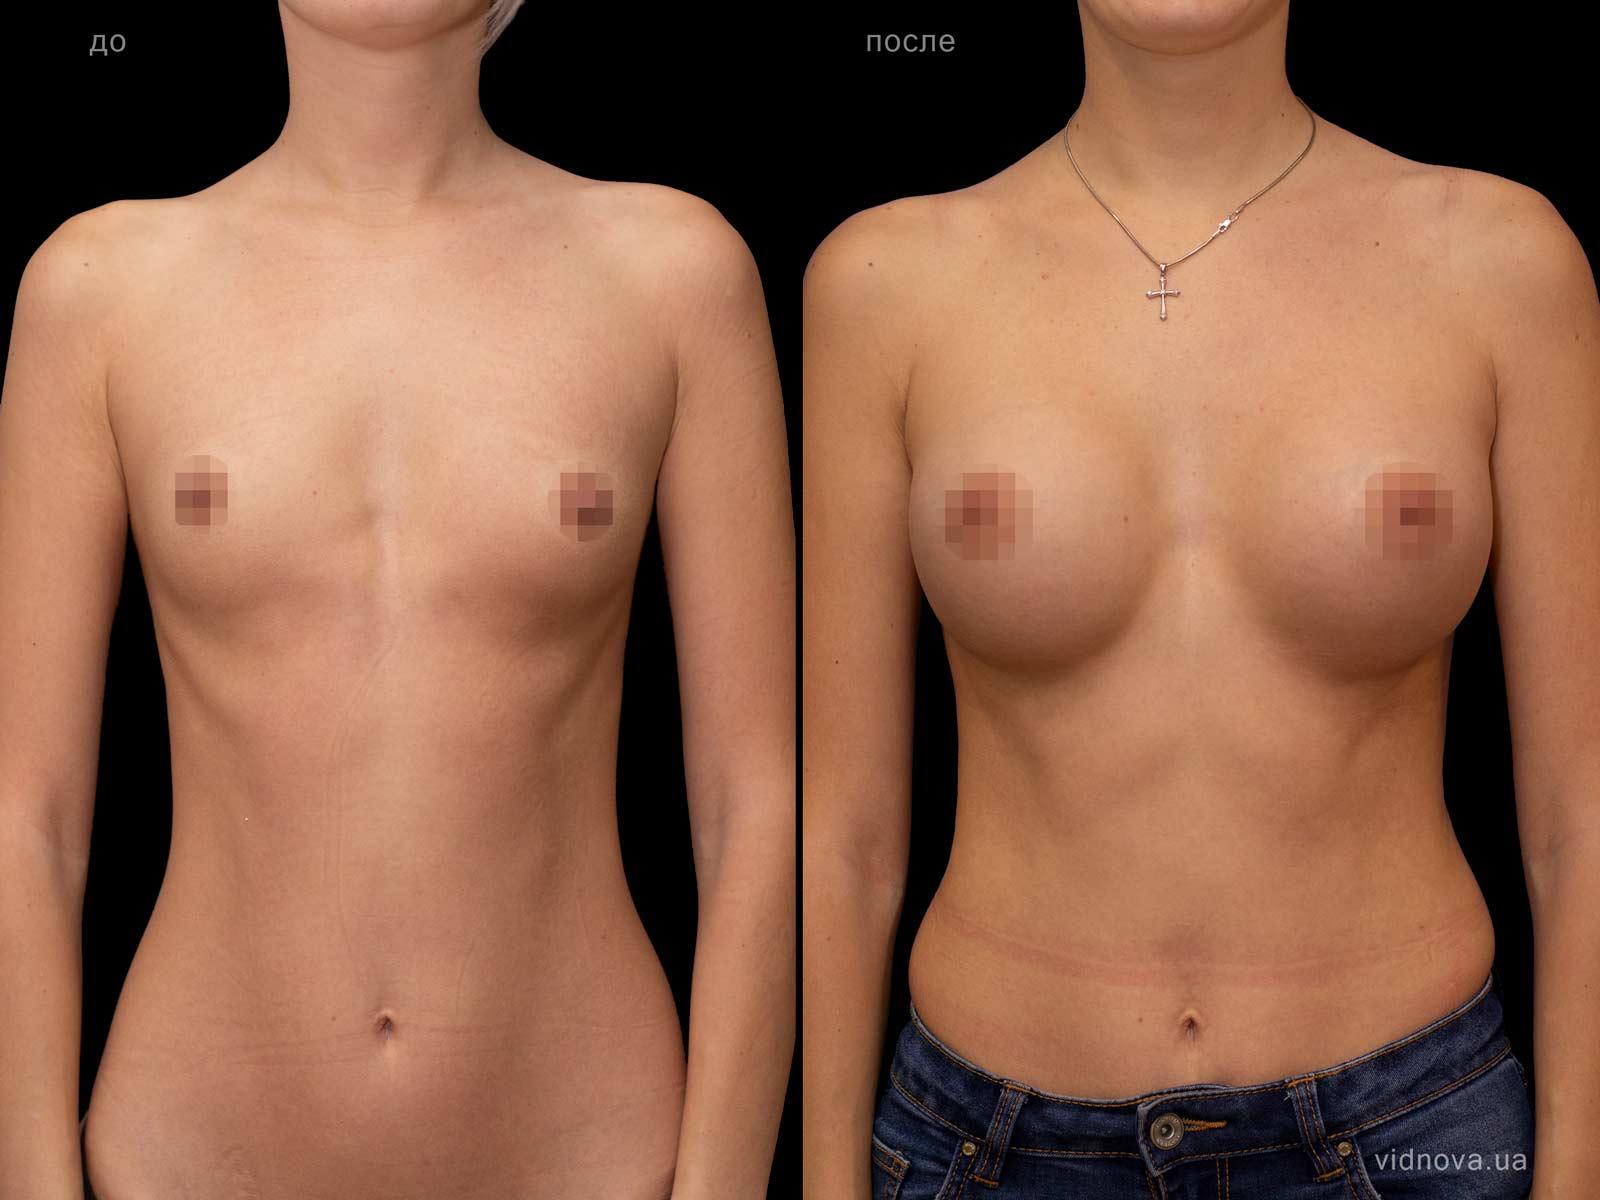 Фото пациентов до и после операции